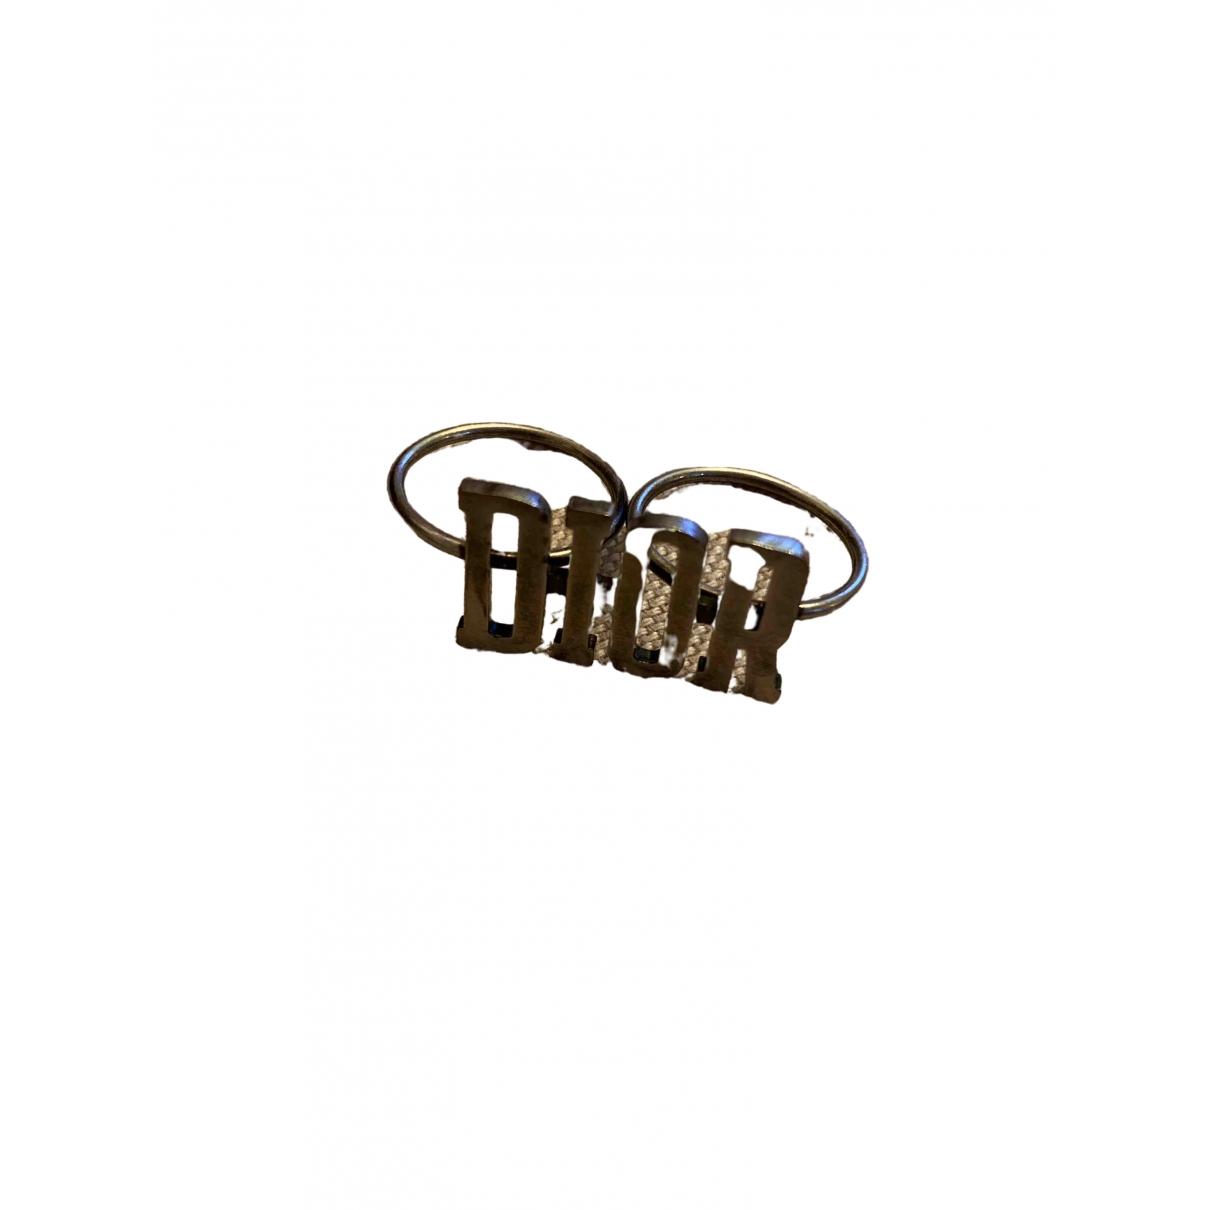 Dior - Bague Monogramme pour femme en metal - argente